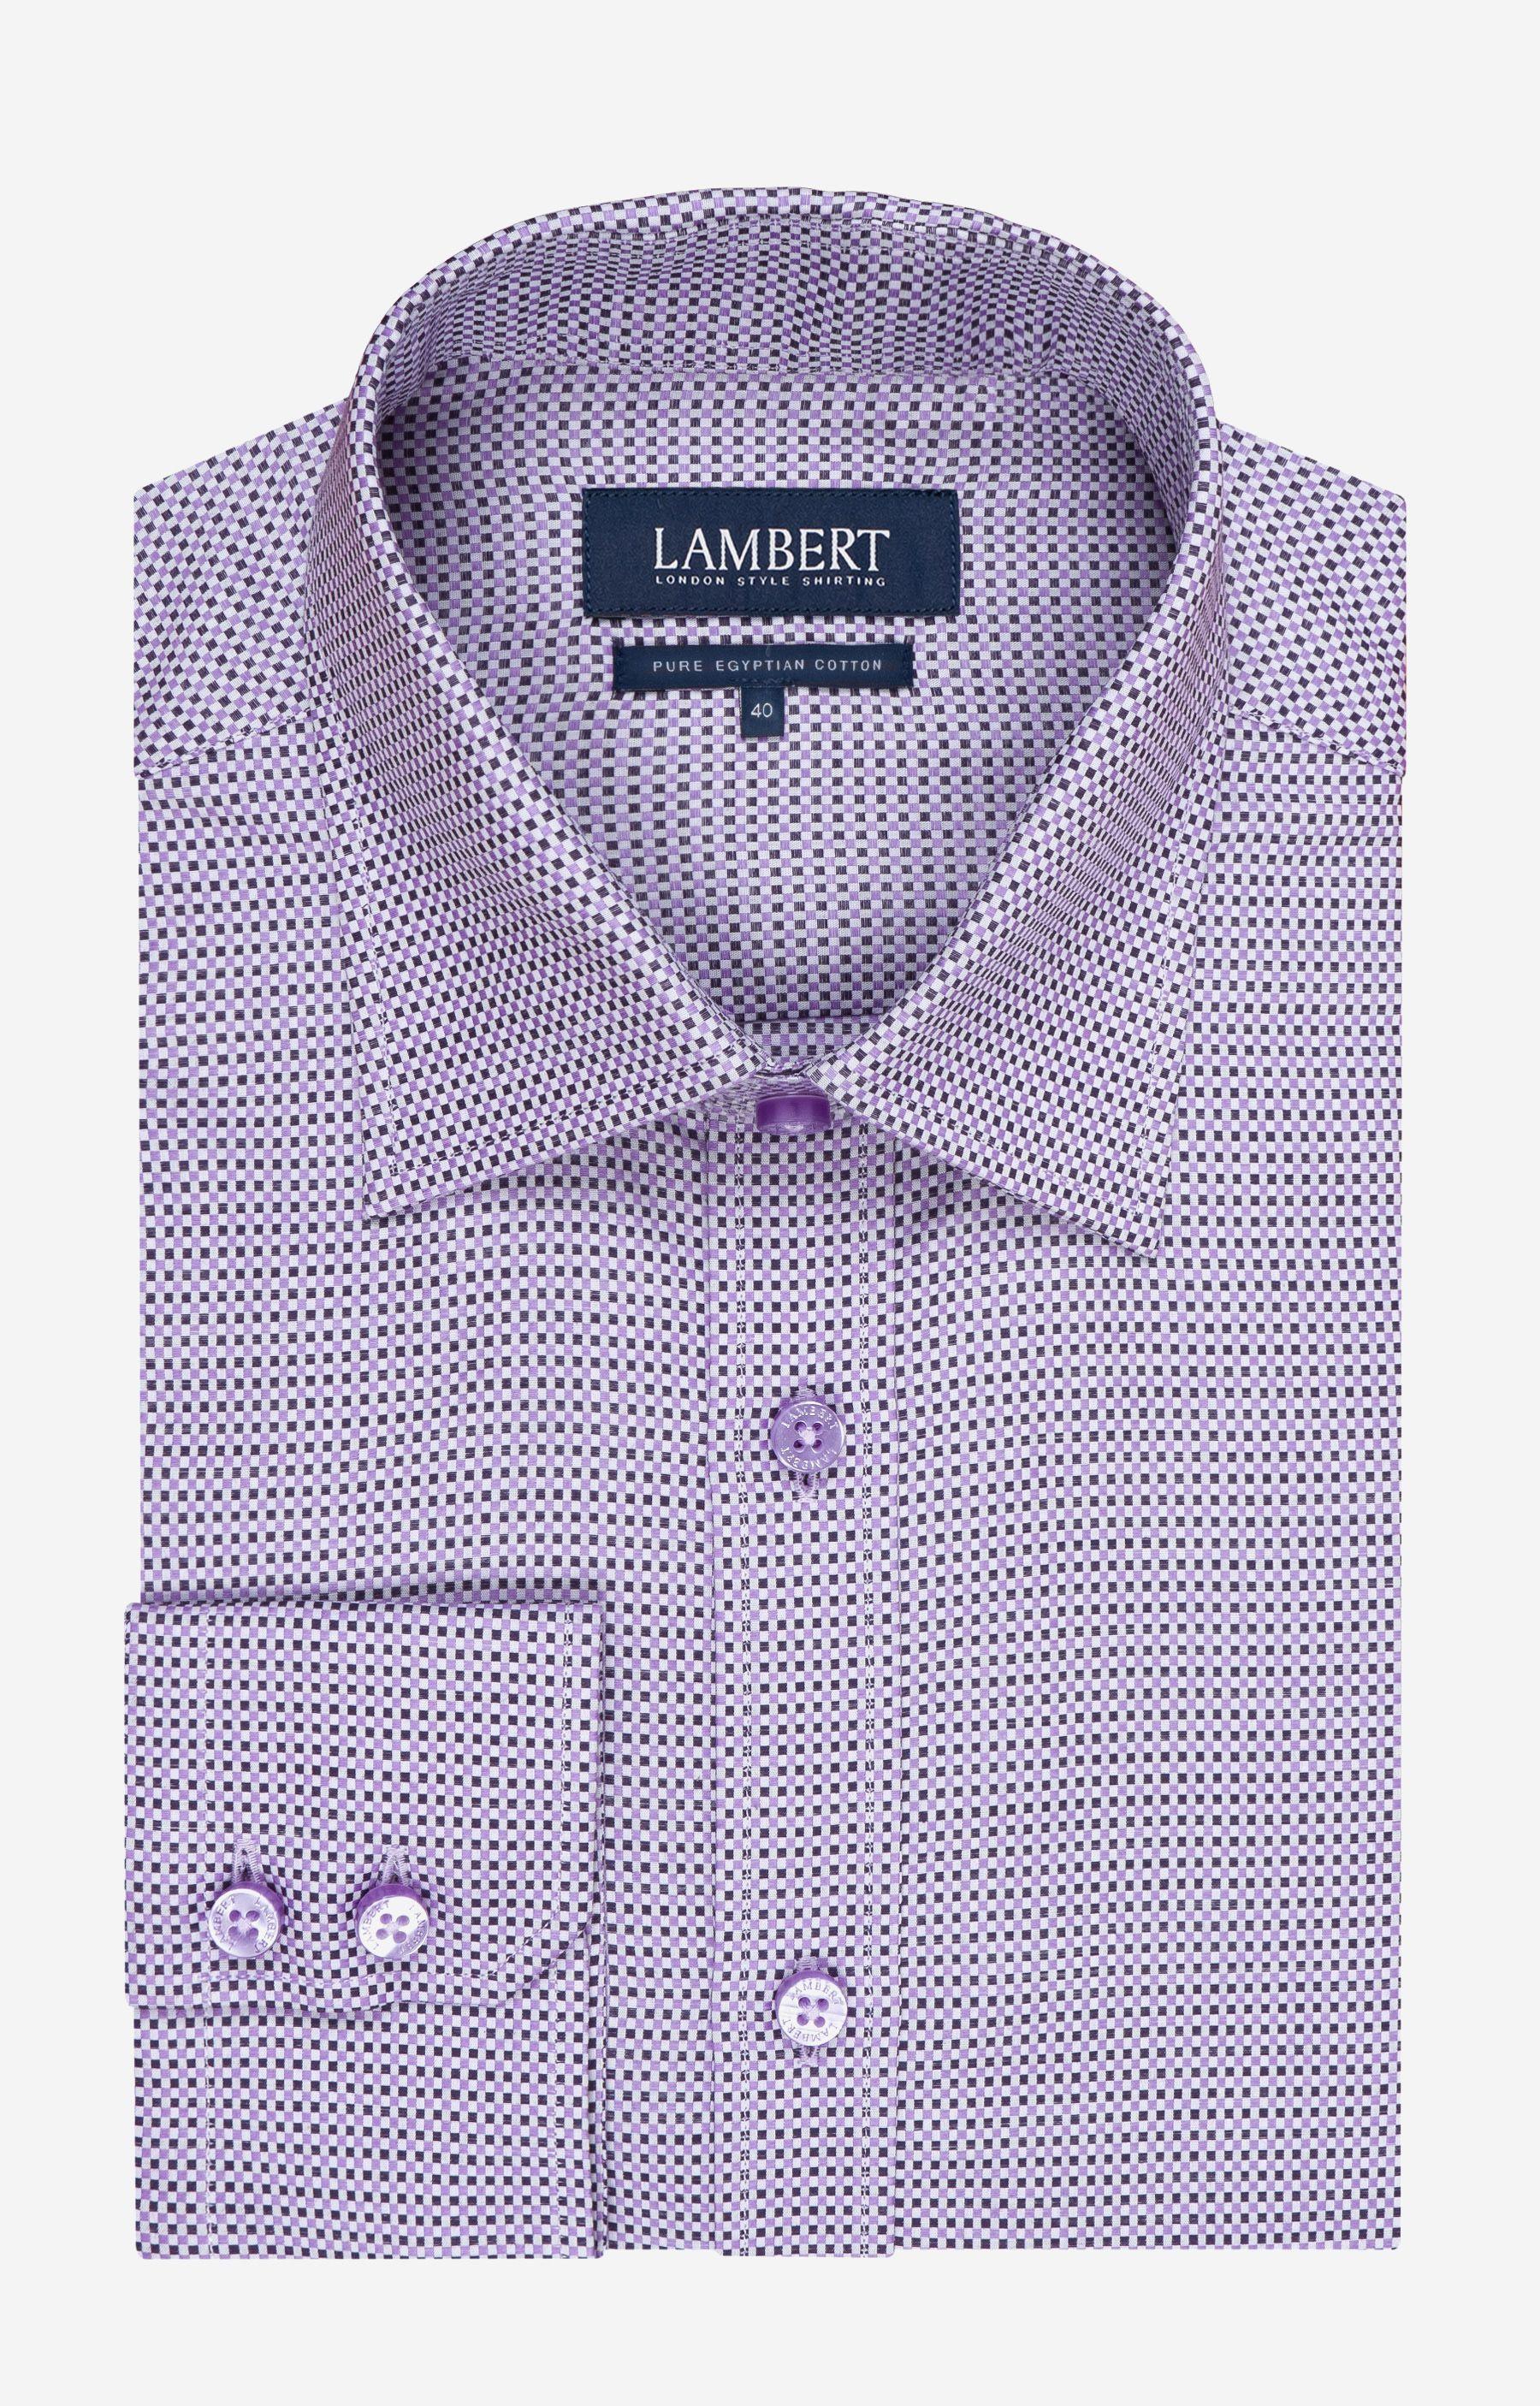 c0509bc7736ea1 Fioletowa koszula męska LAMBERT L394LB7676 | 오빠옷